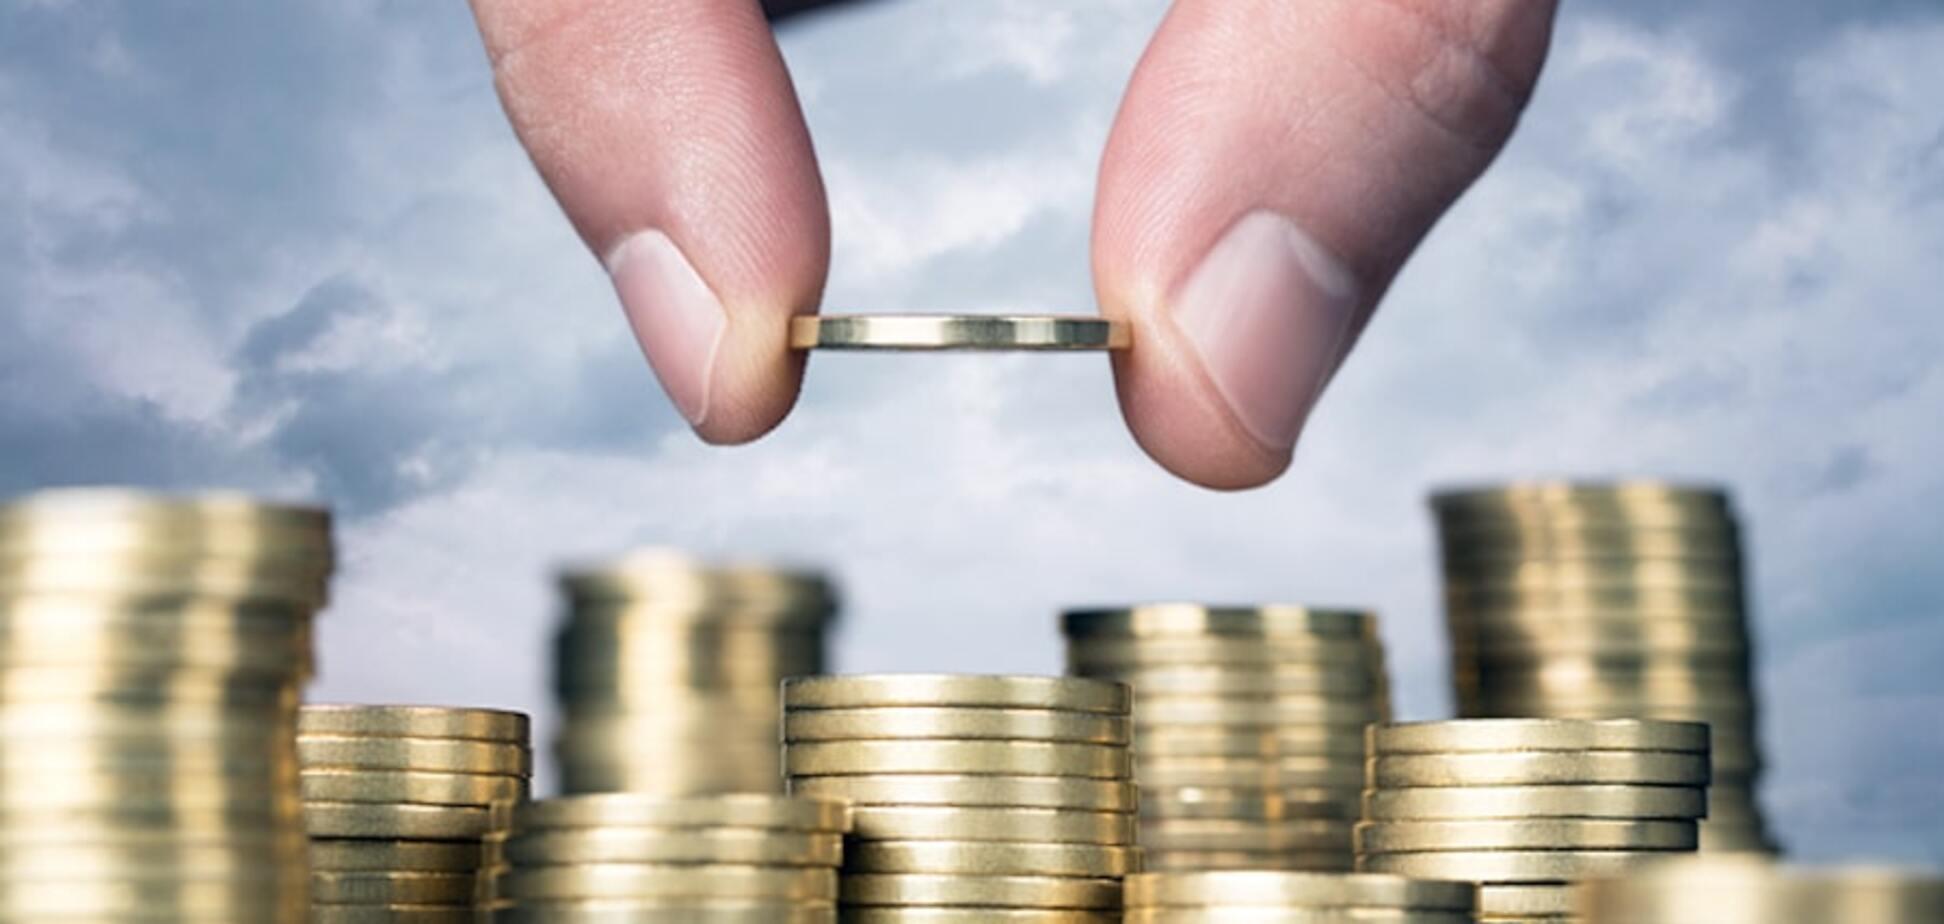 Обращение к власти: не платить долги, как в фильме 'Слуга Народа', не получится